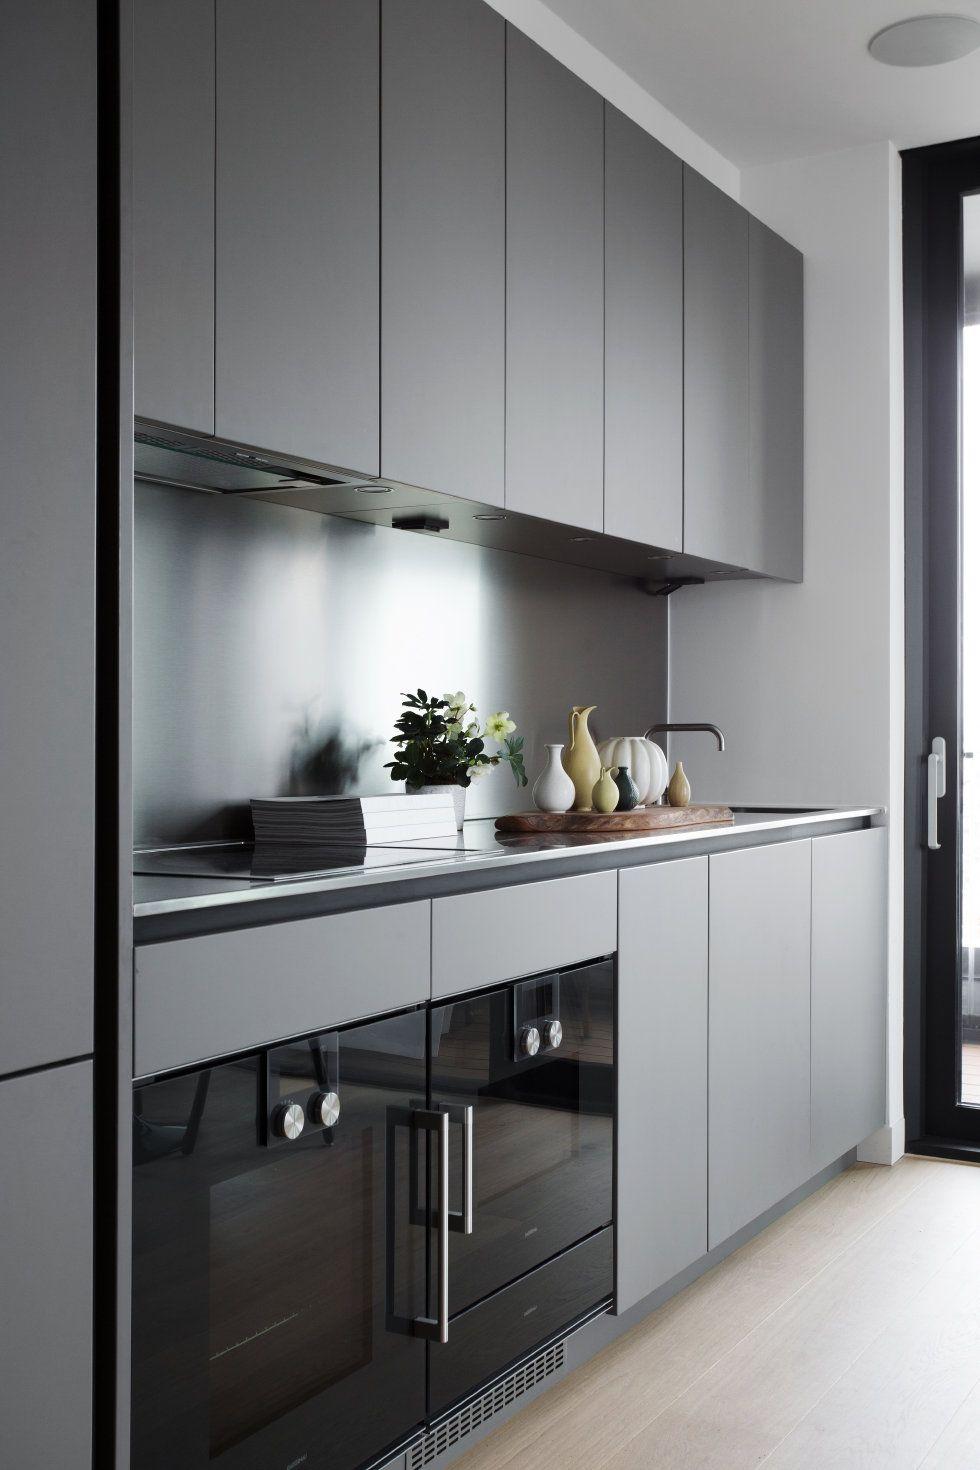 IMG_7747   kitchen   Pinterest   Wohnung gestalten, Küche und ...